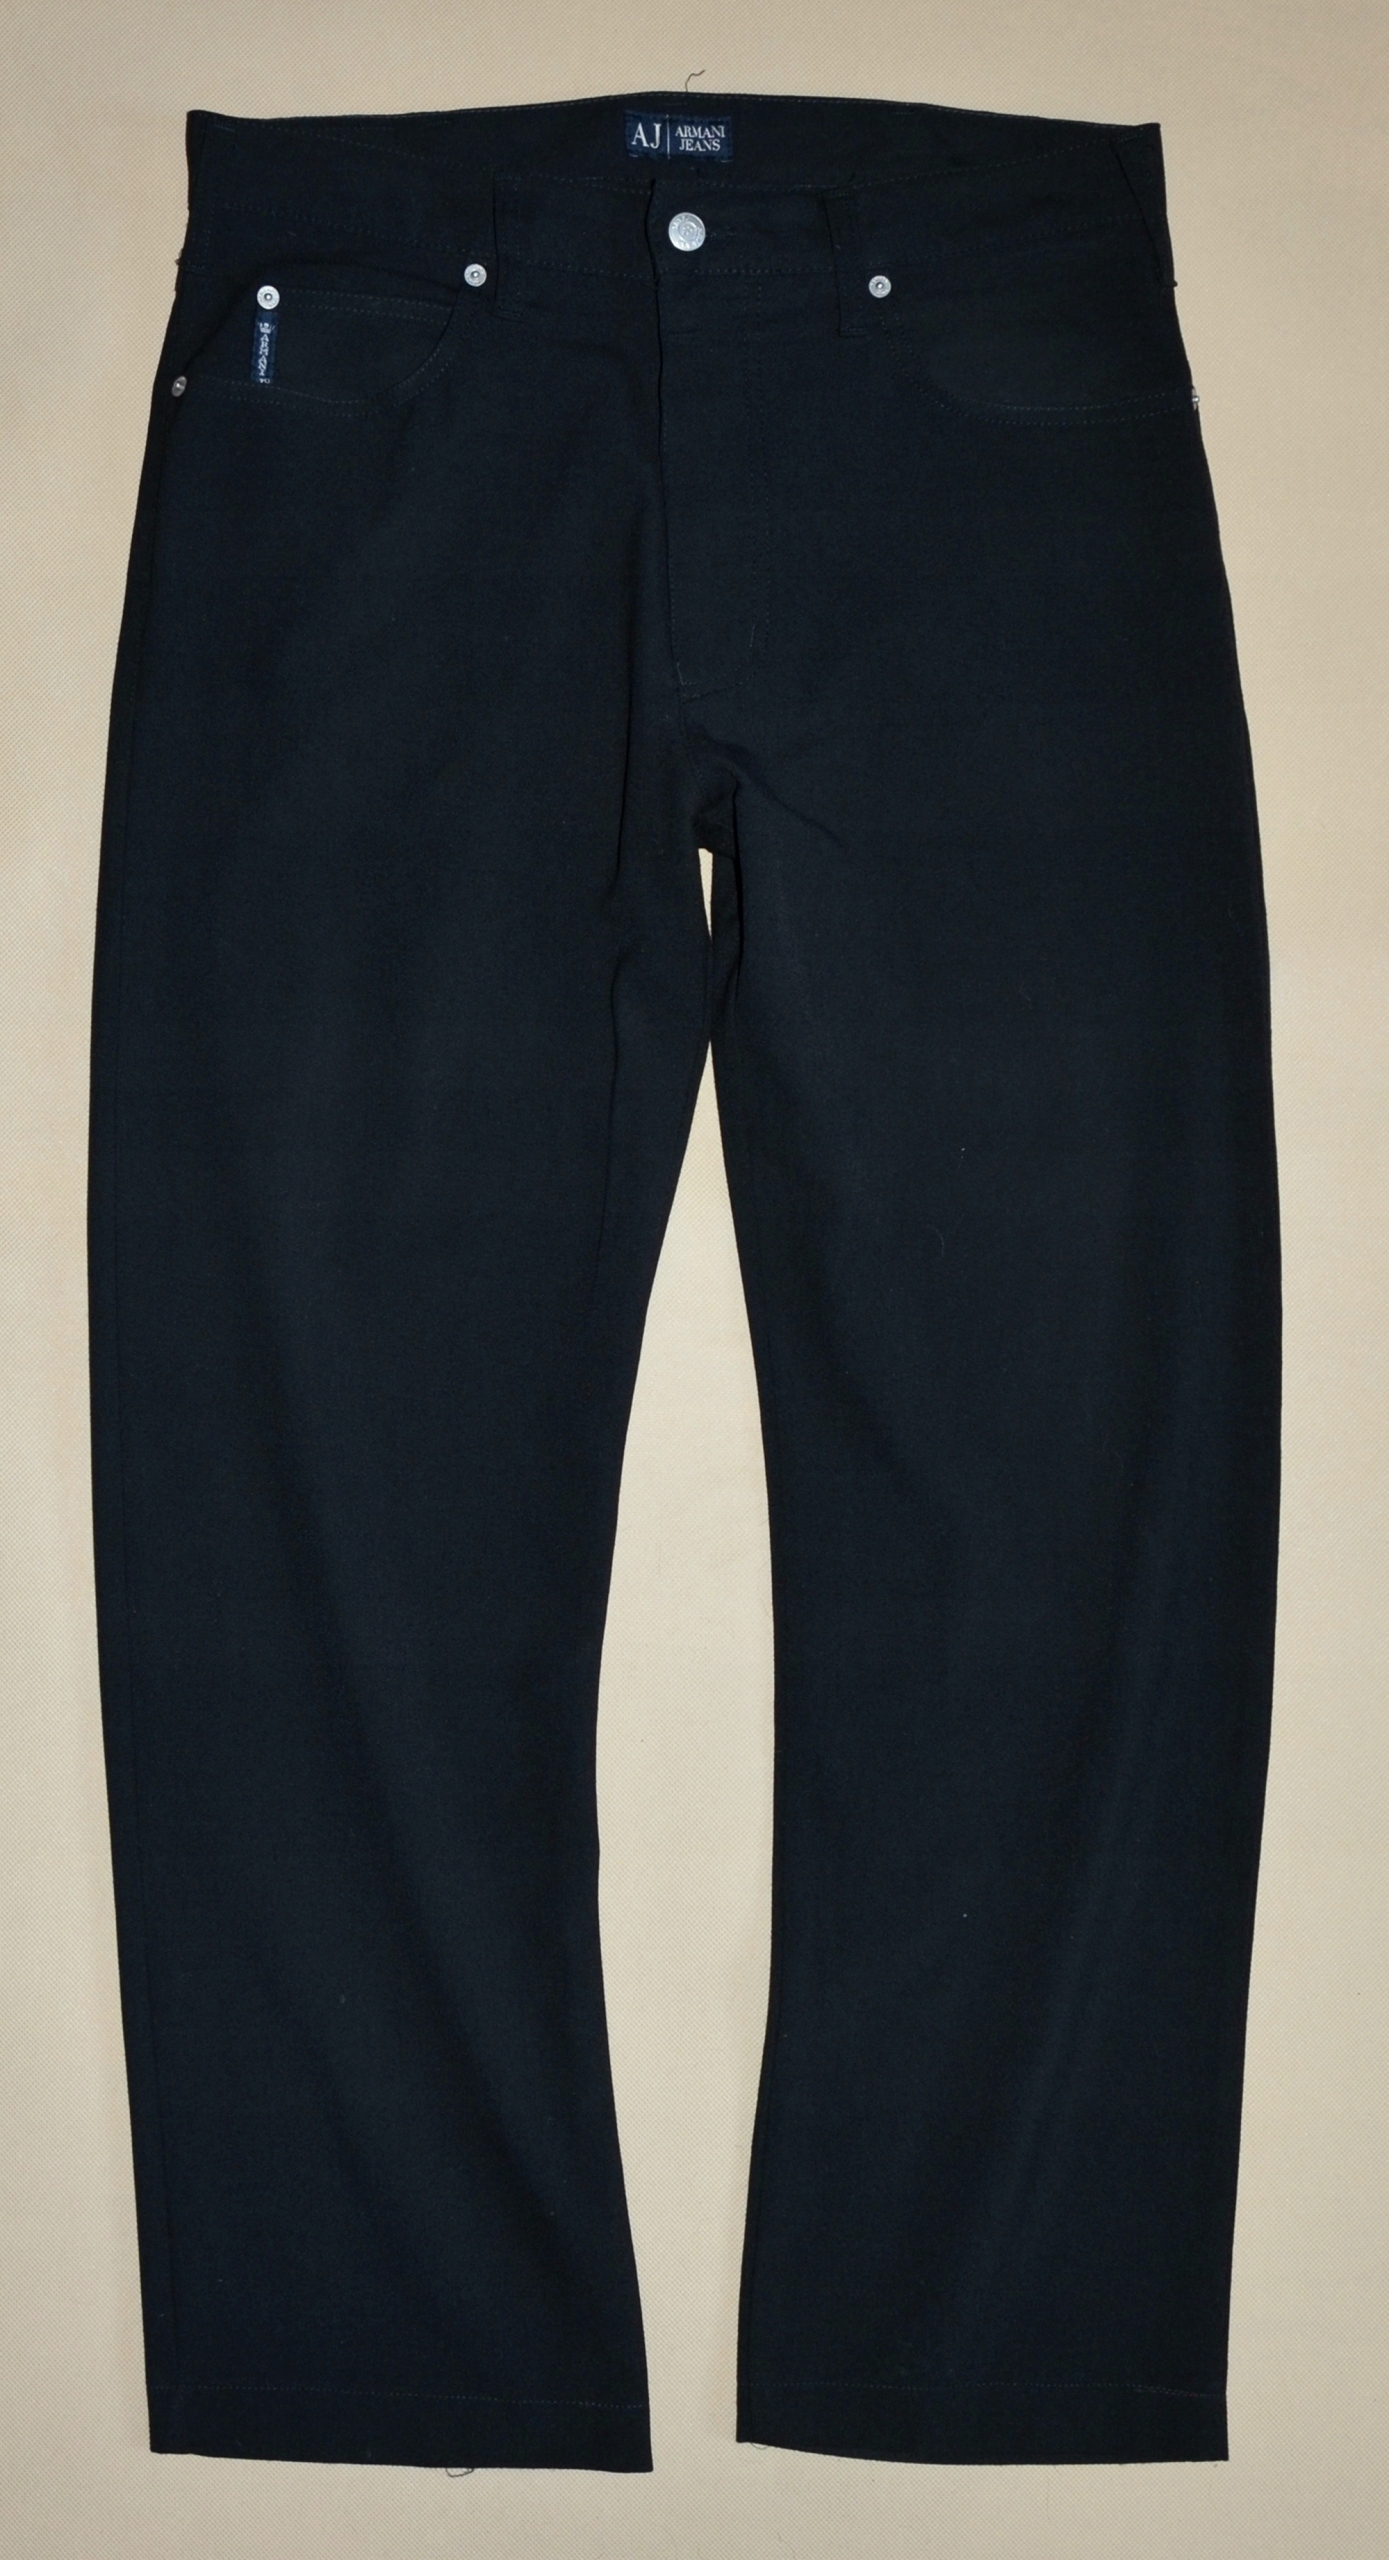 ARMANI męskie czarne spodnie Comfort Fit rozmiar L